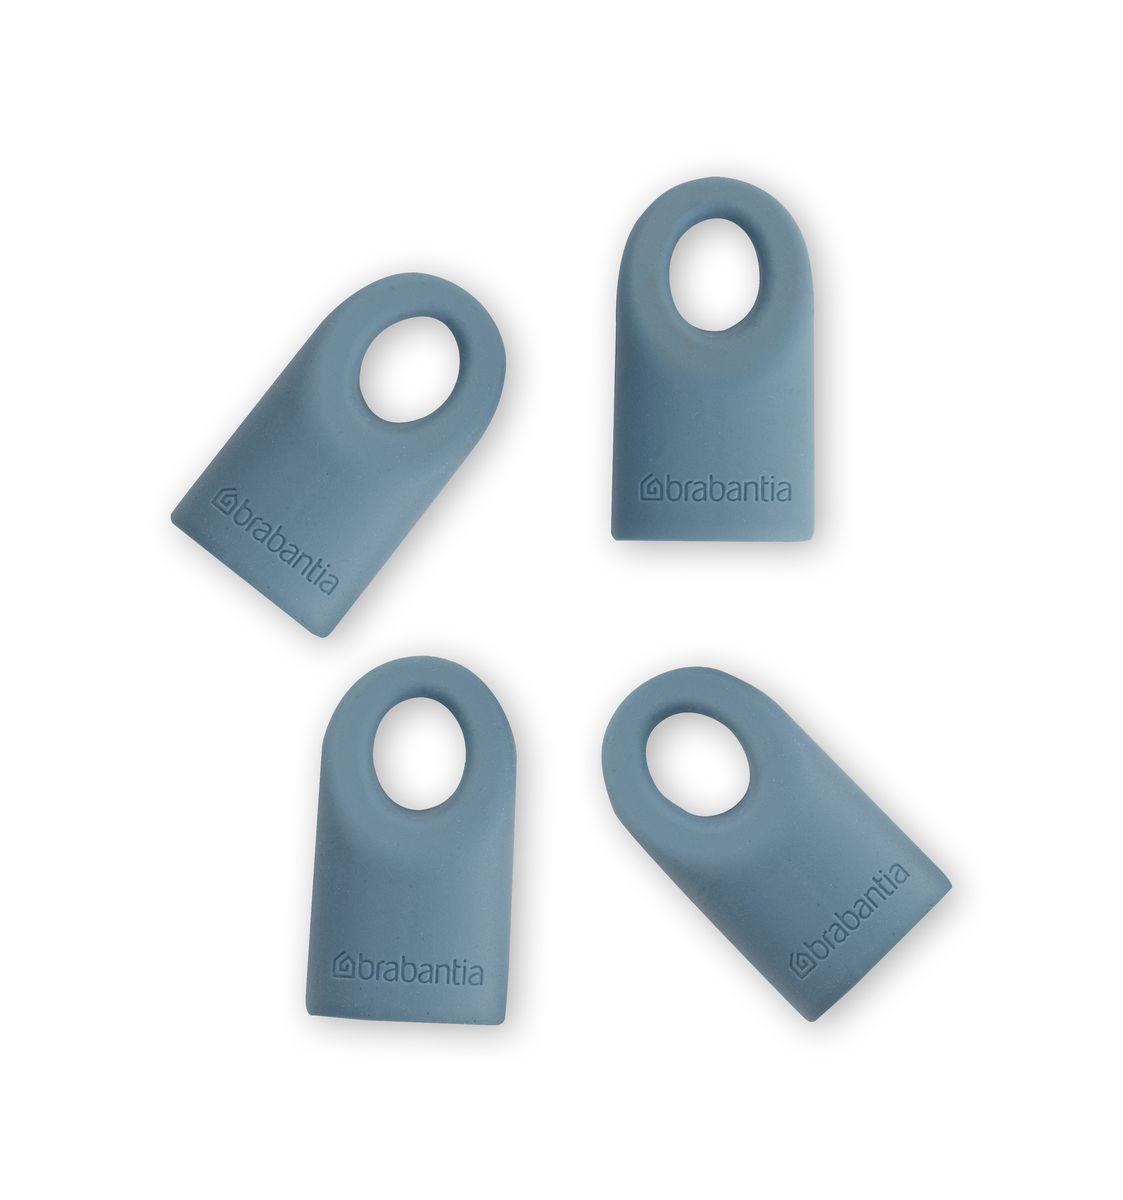 Силиконовые колпачки Brabantia Accent, цвет: голубой, 4 шт464027Силиконовые колпачки Brabantia Accent предназначены для кухонных принадлежностей линии Accent. Просто наденьте колпачок на нужную кухонную принадлежность. Используя съемные колпачки разных цветов, вы можете создавать свой оригинальный стиль. Колпачки оснащены специальными отверстиями для крючков. Длина колпачка: 4 см.